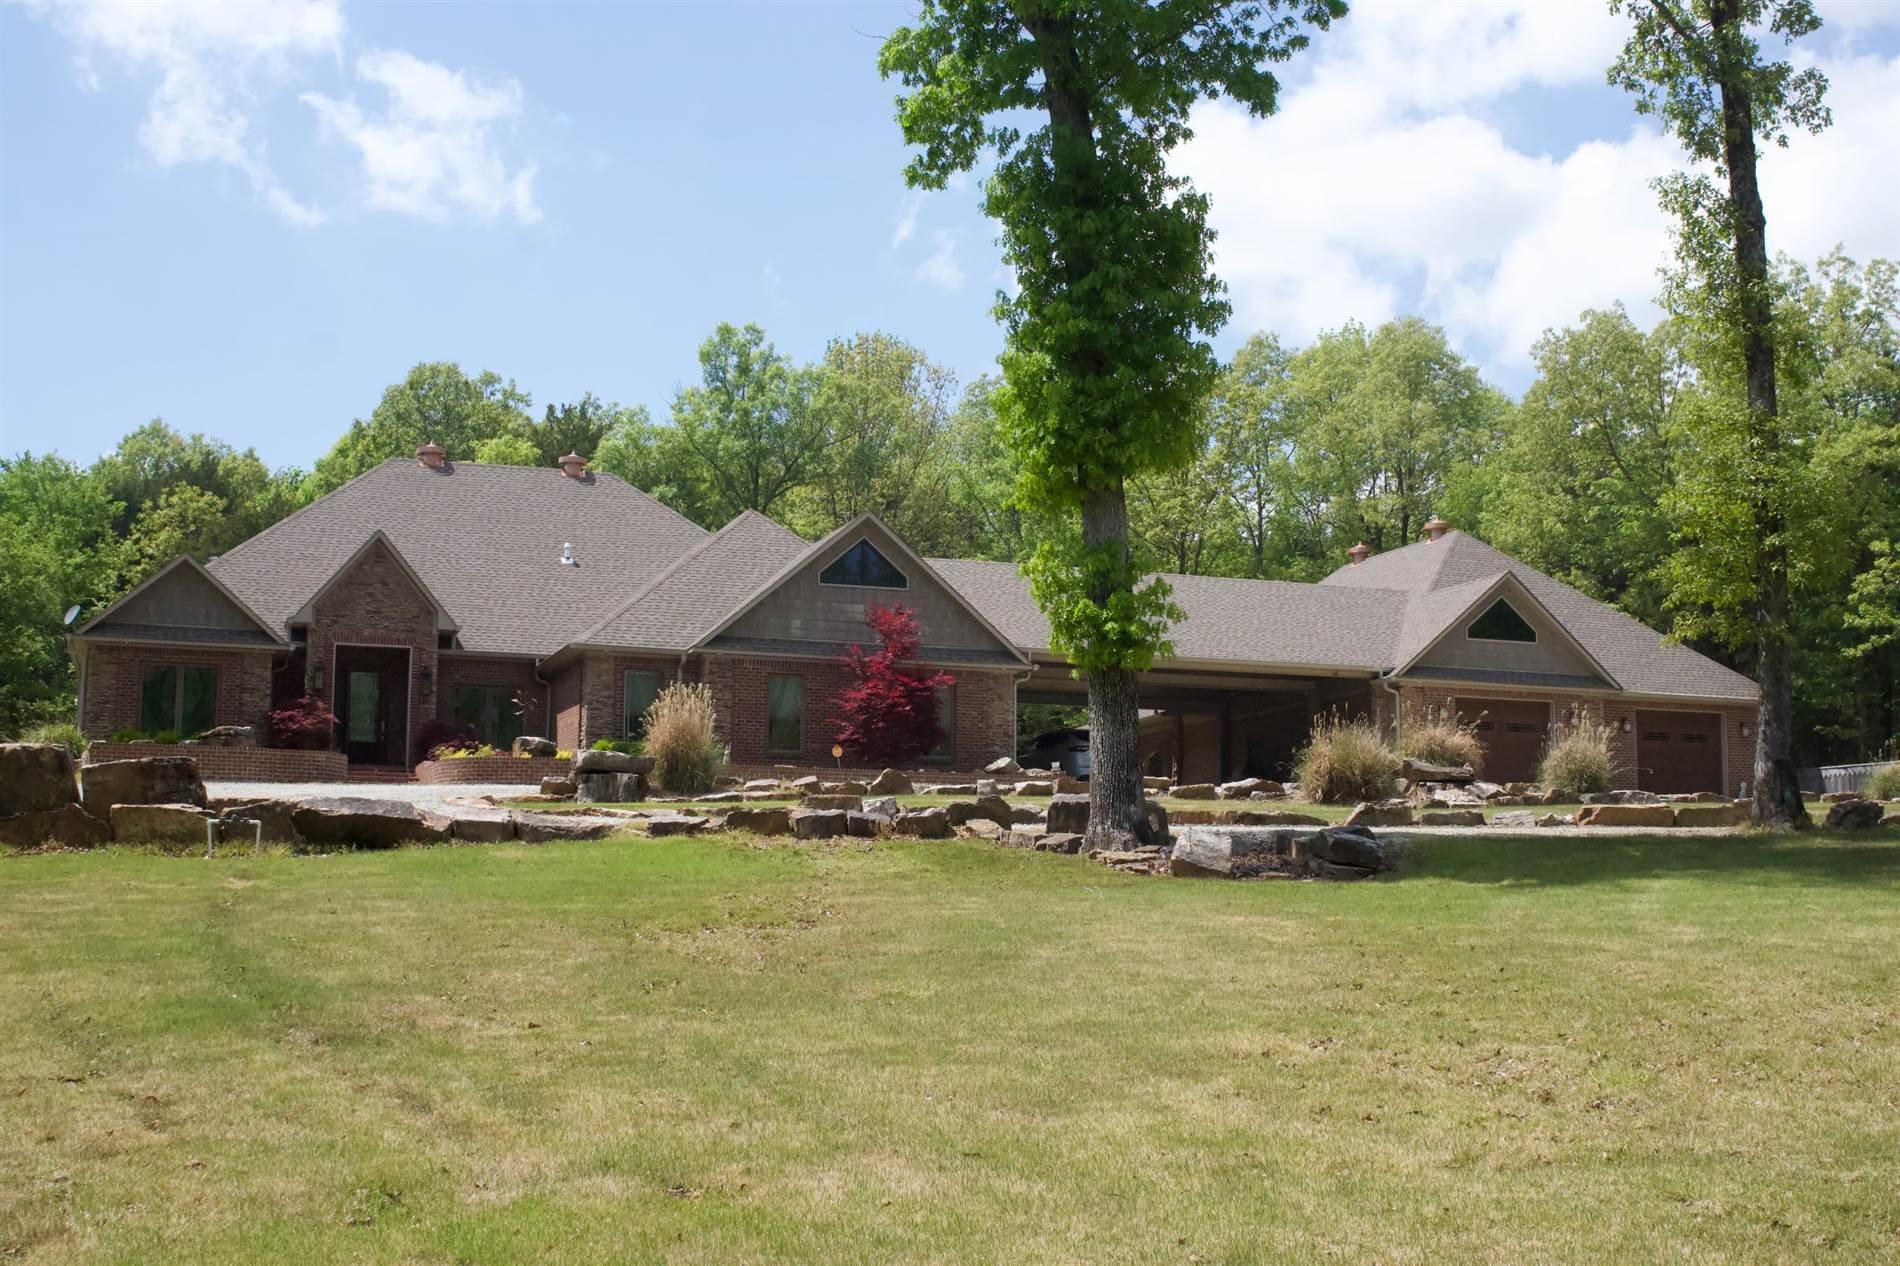 4511 S. Culberhouse, Jonesboro, AR 72404